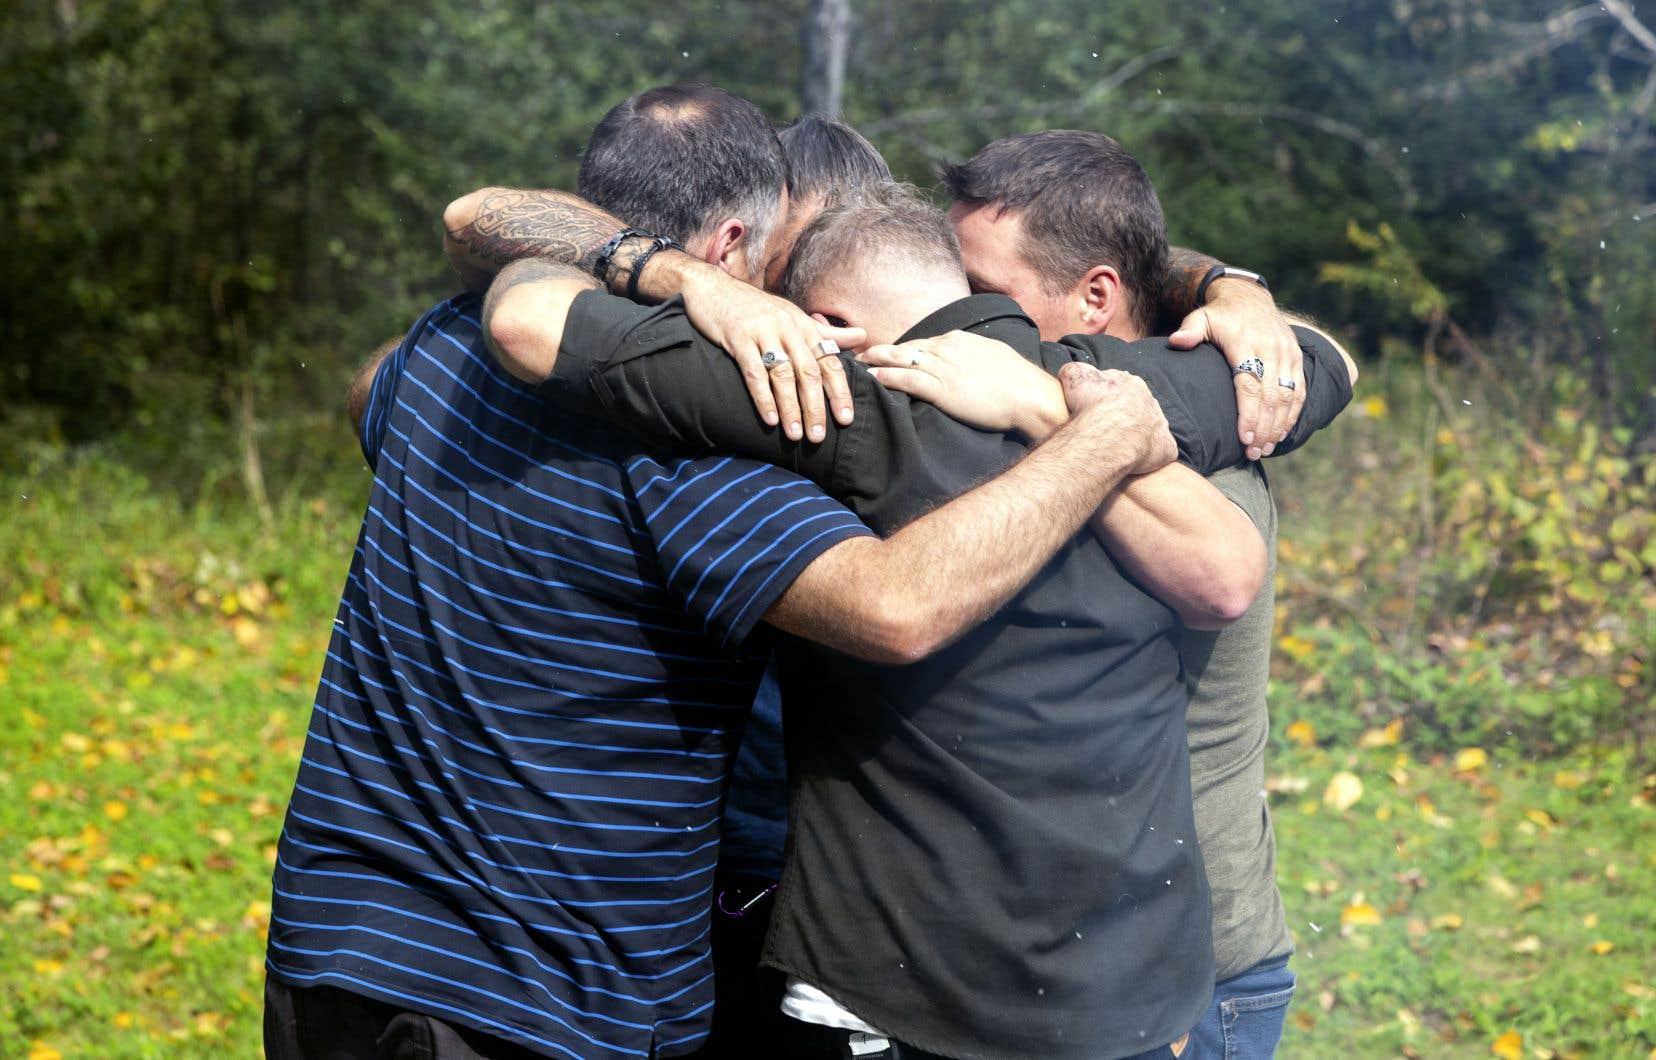 Il y a quelque chose de touchant dans leur quête prudente, dans leur désir d'aller à la rencontre des Bosniaques, mais surtout dans leurs doutes voulant que leur passage ait changé le cours des choses.